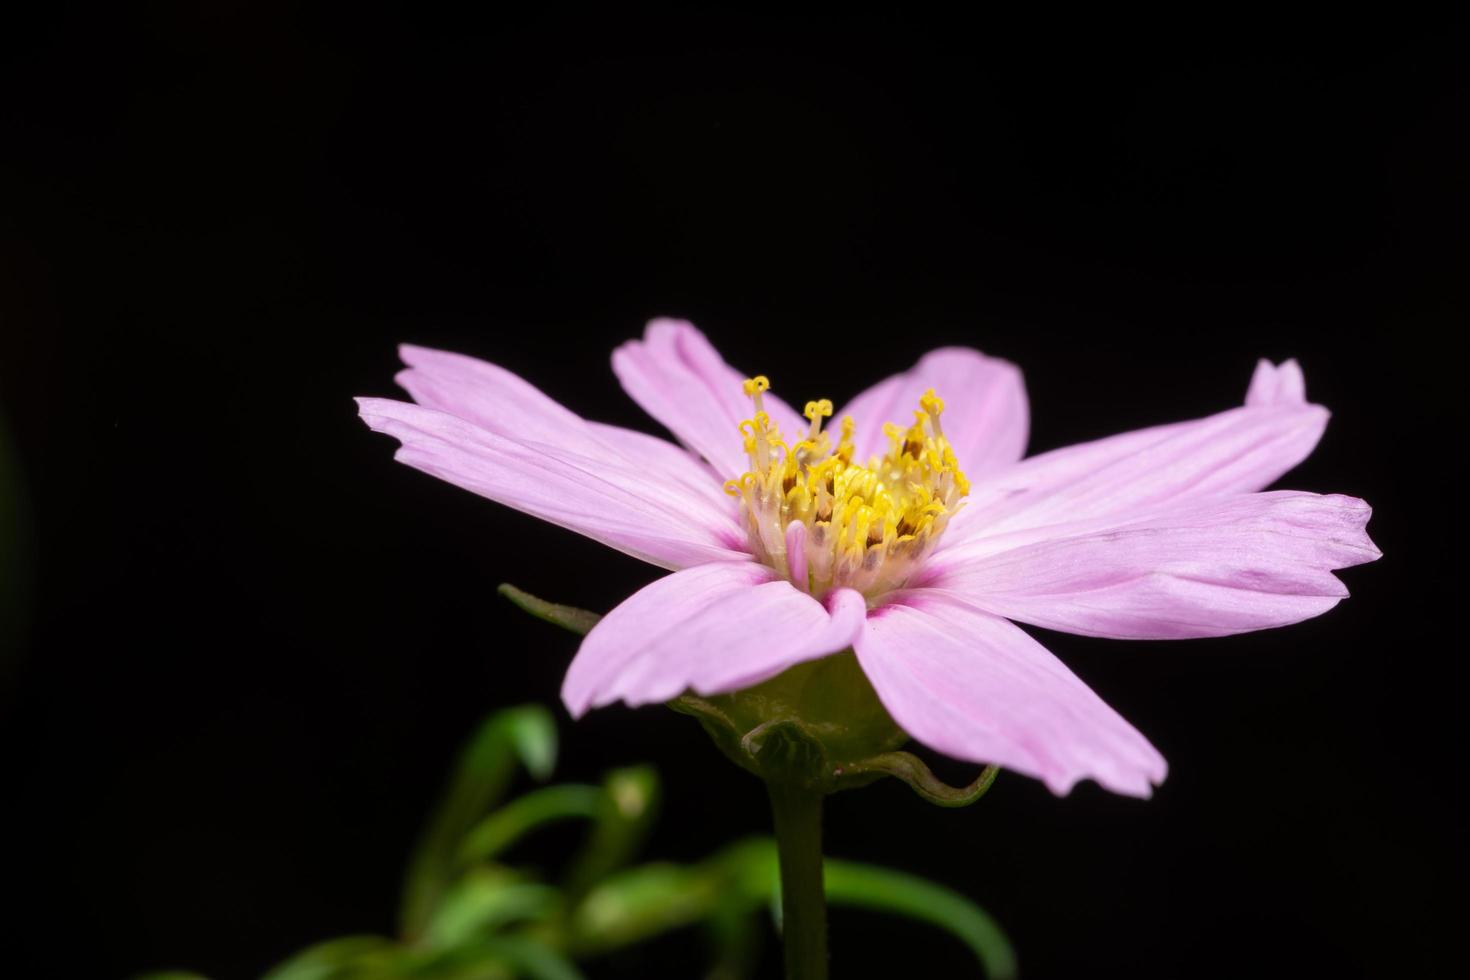 fiore di crisantemo su sfondo nero foto